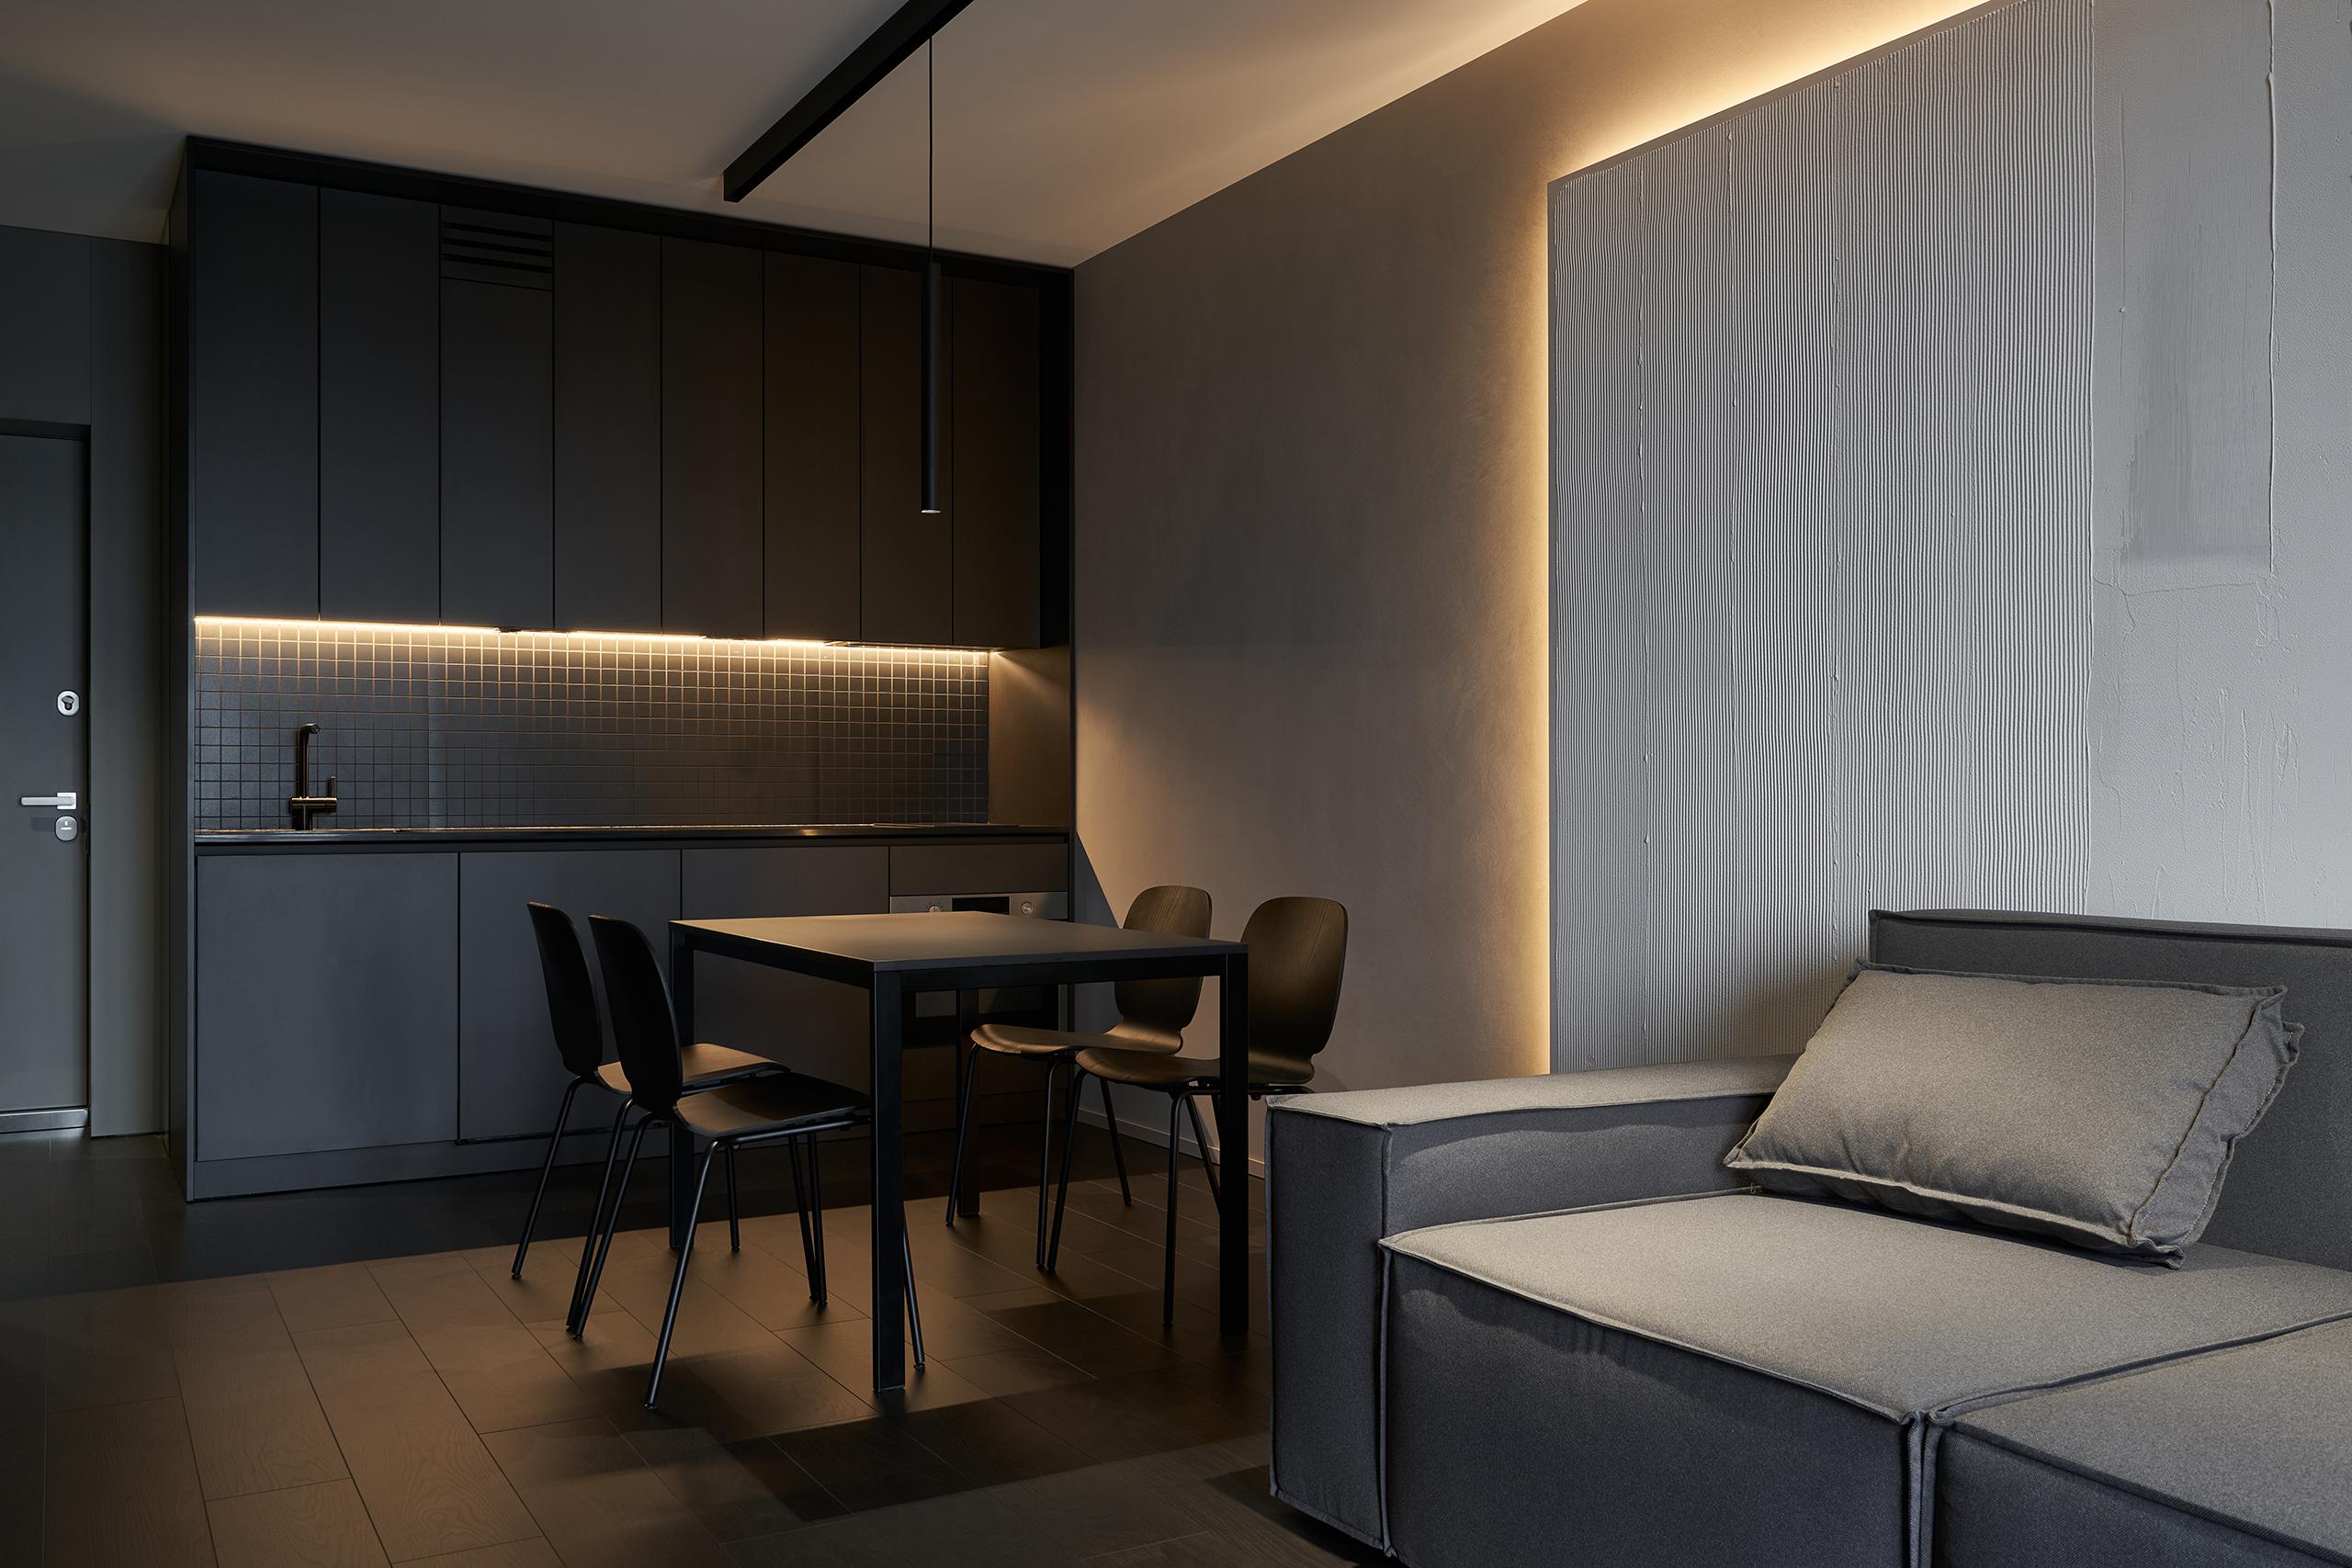 Фотосъемка интерьера кухни и гостиной Hoffman